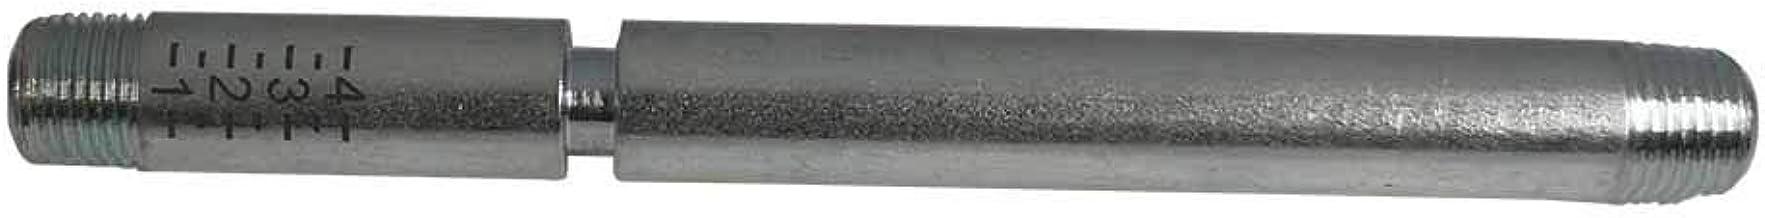 Ecoflam Spuitstuk Staaf 65324056